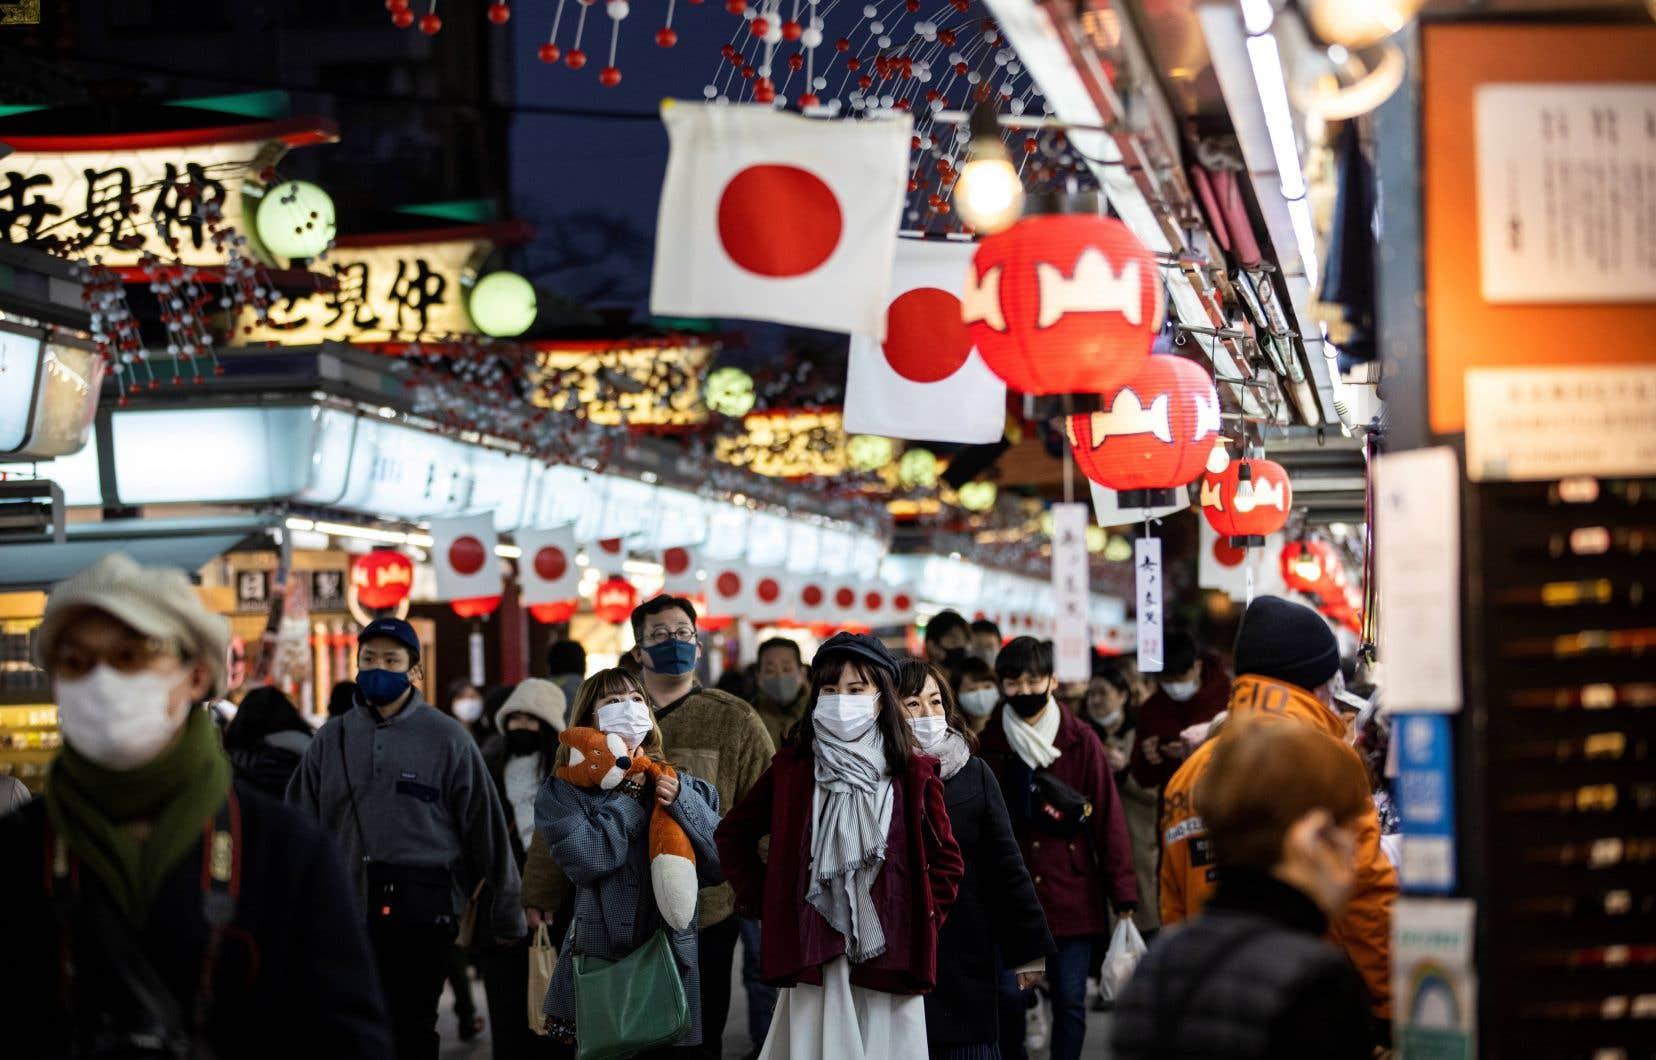 La gouverneure de Tokyo Yuriko Koike a demandé samedi au gouvernement de déclarer à nouveau l'état d'urgence, alors que la capitale a battu cette semaine son record de contaminations.